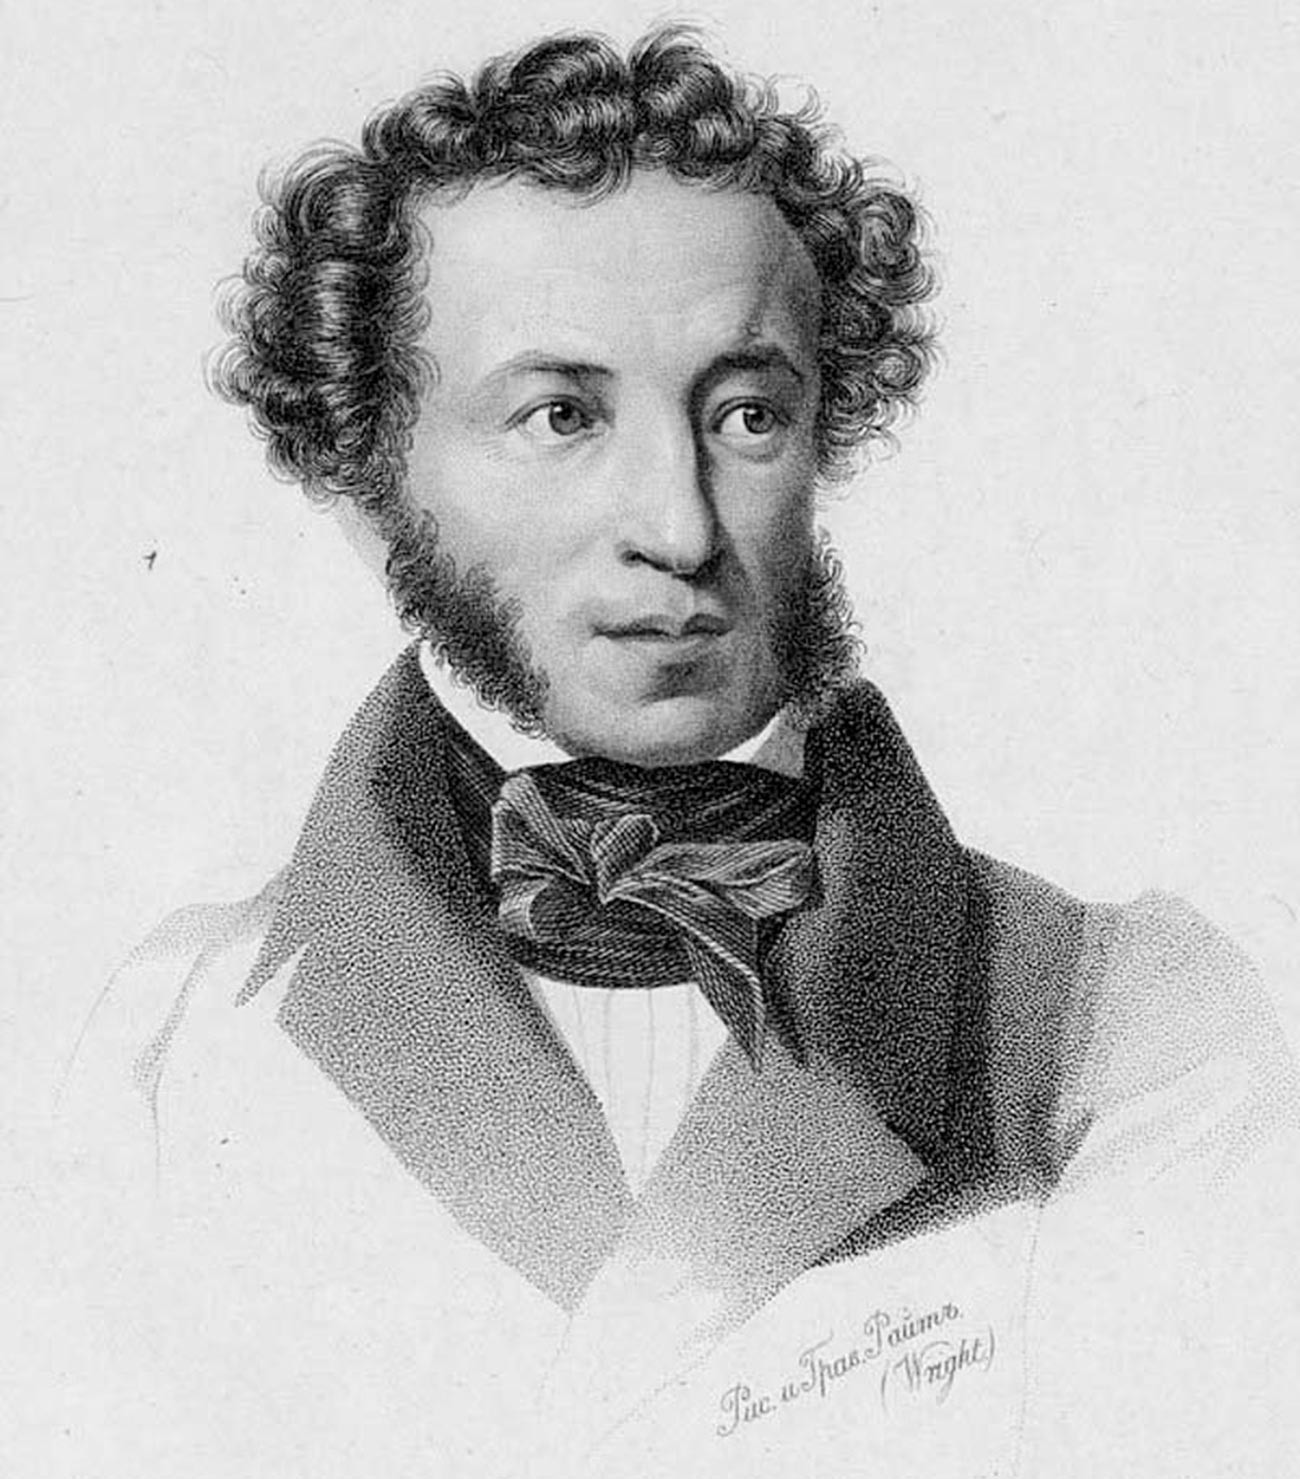 Retrato de Aleksandr Púchkin.